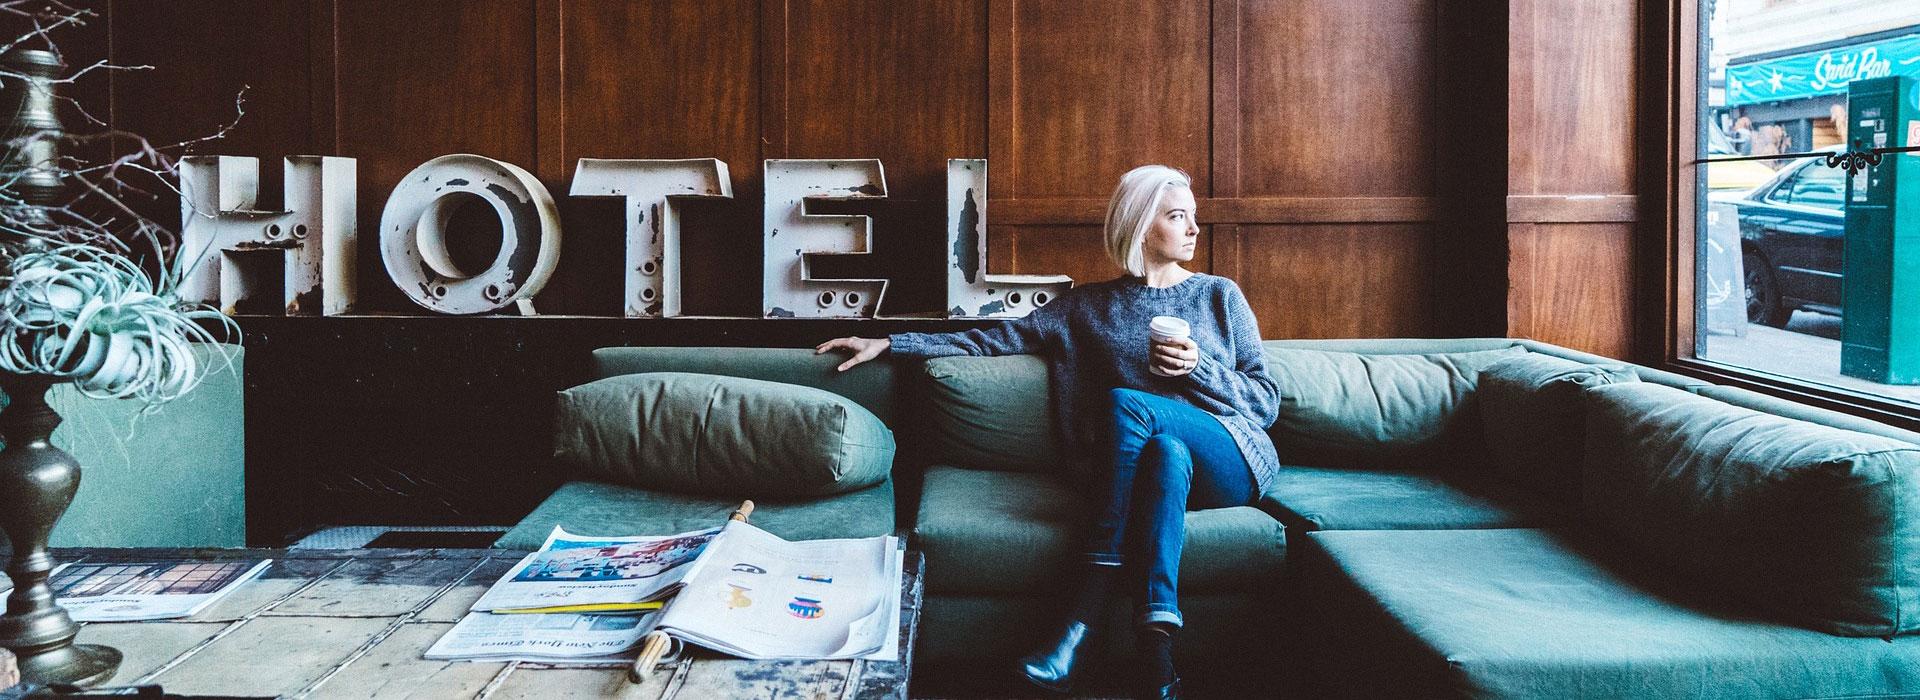 oi-hotel